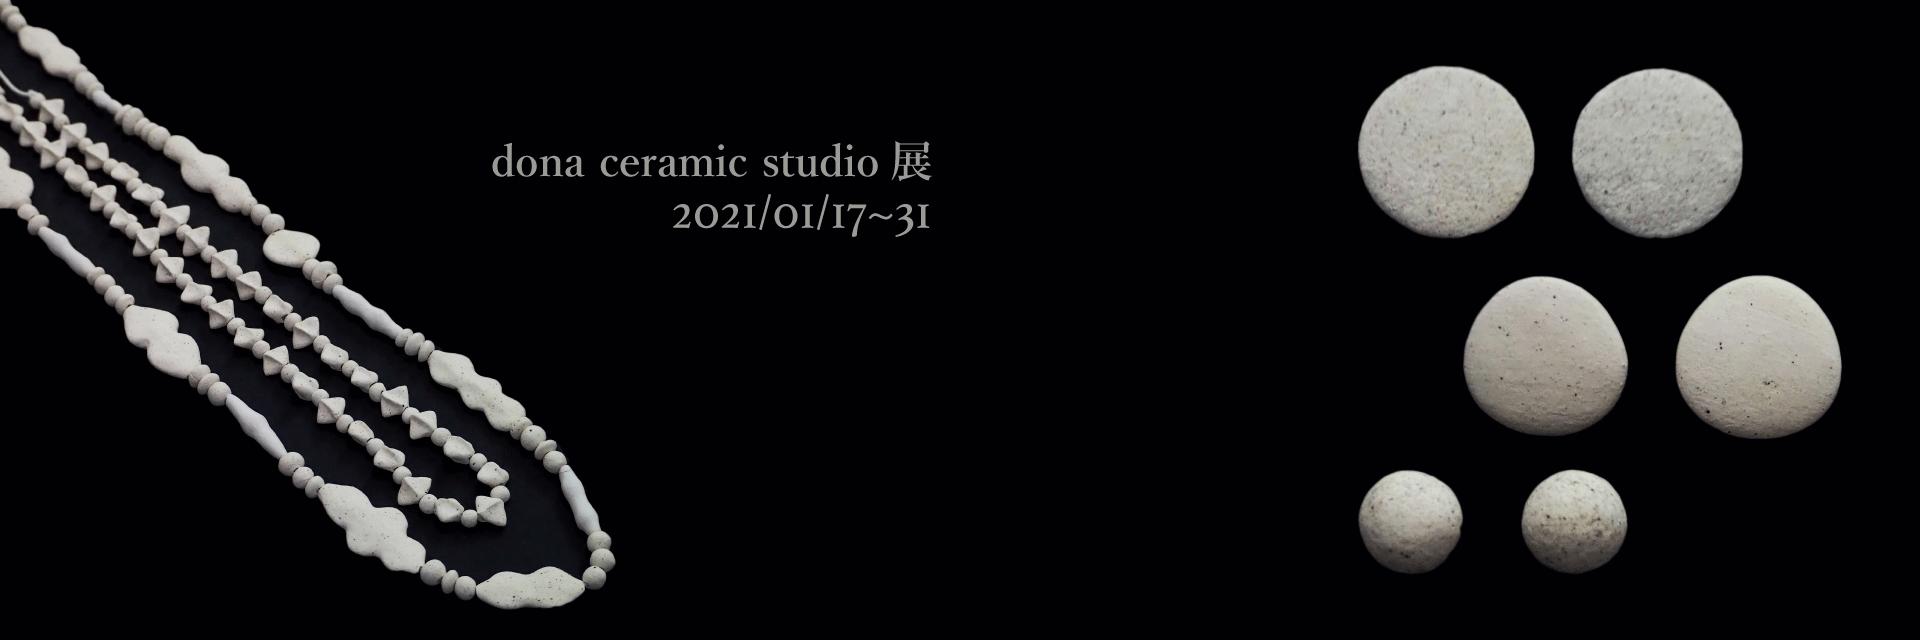 dona ceramic studio展